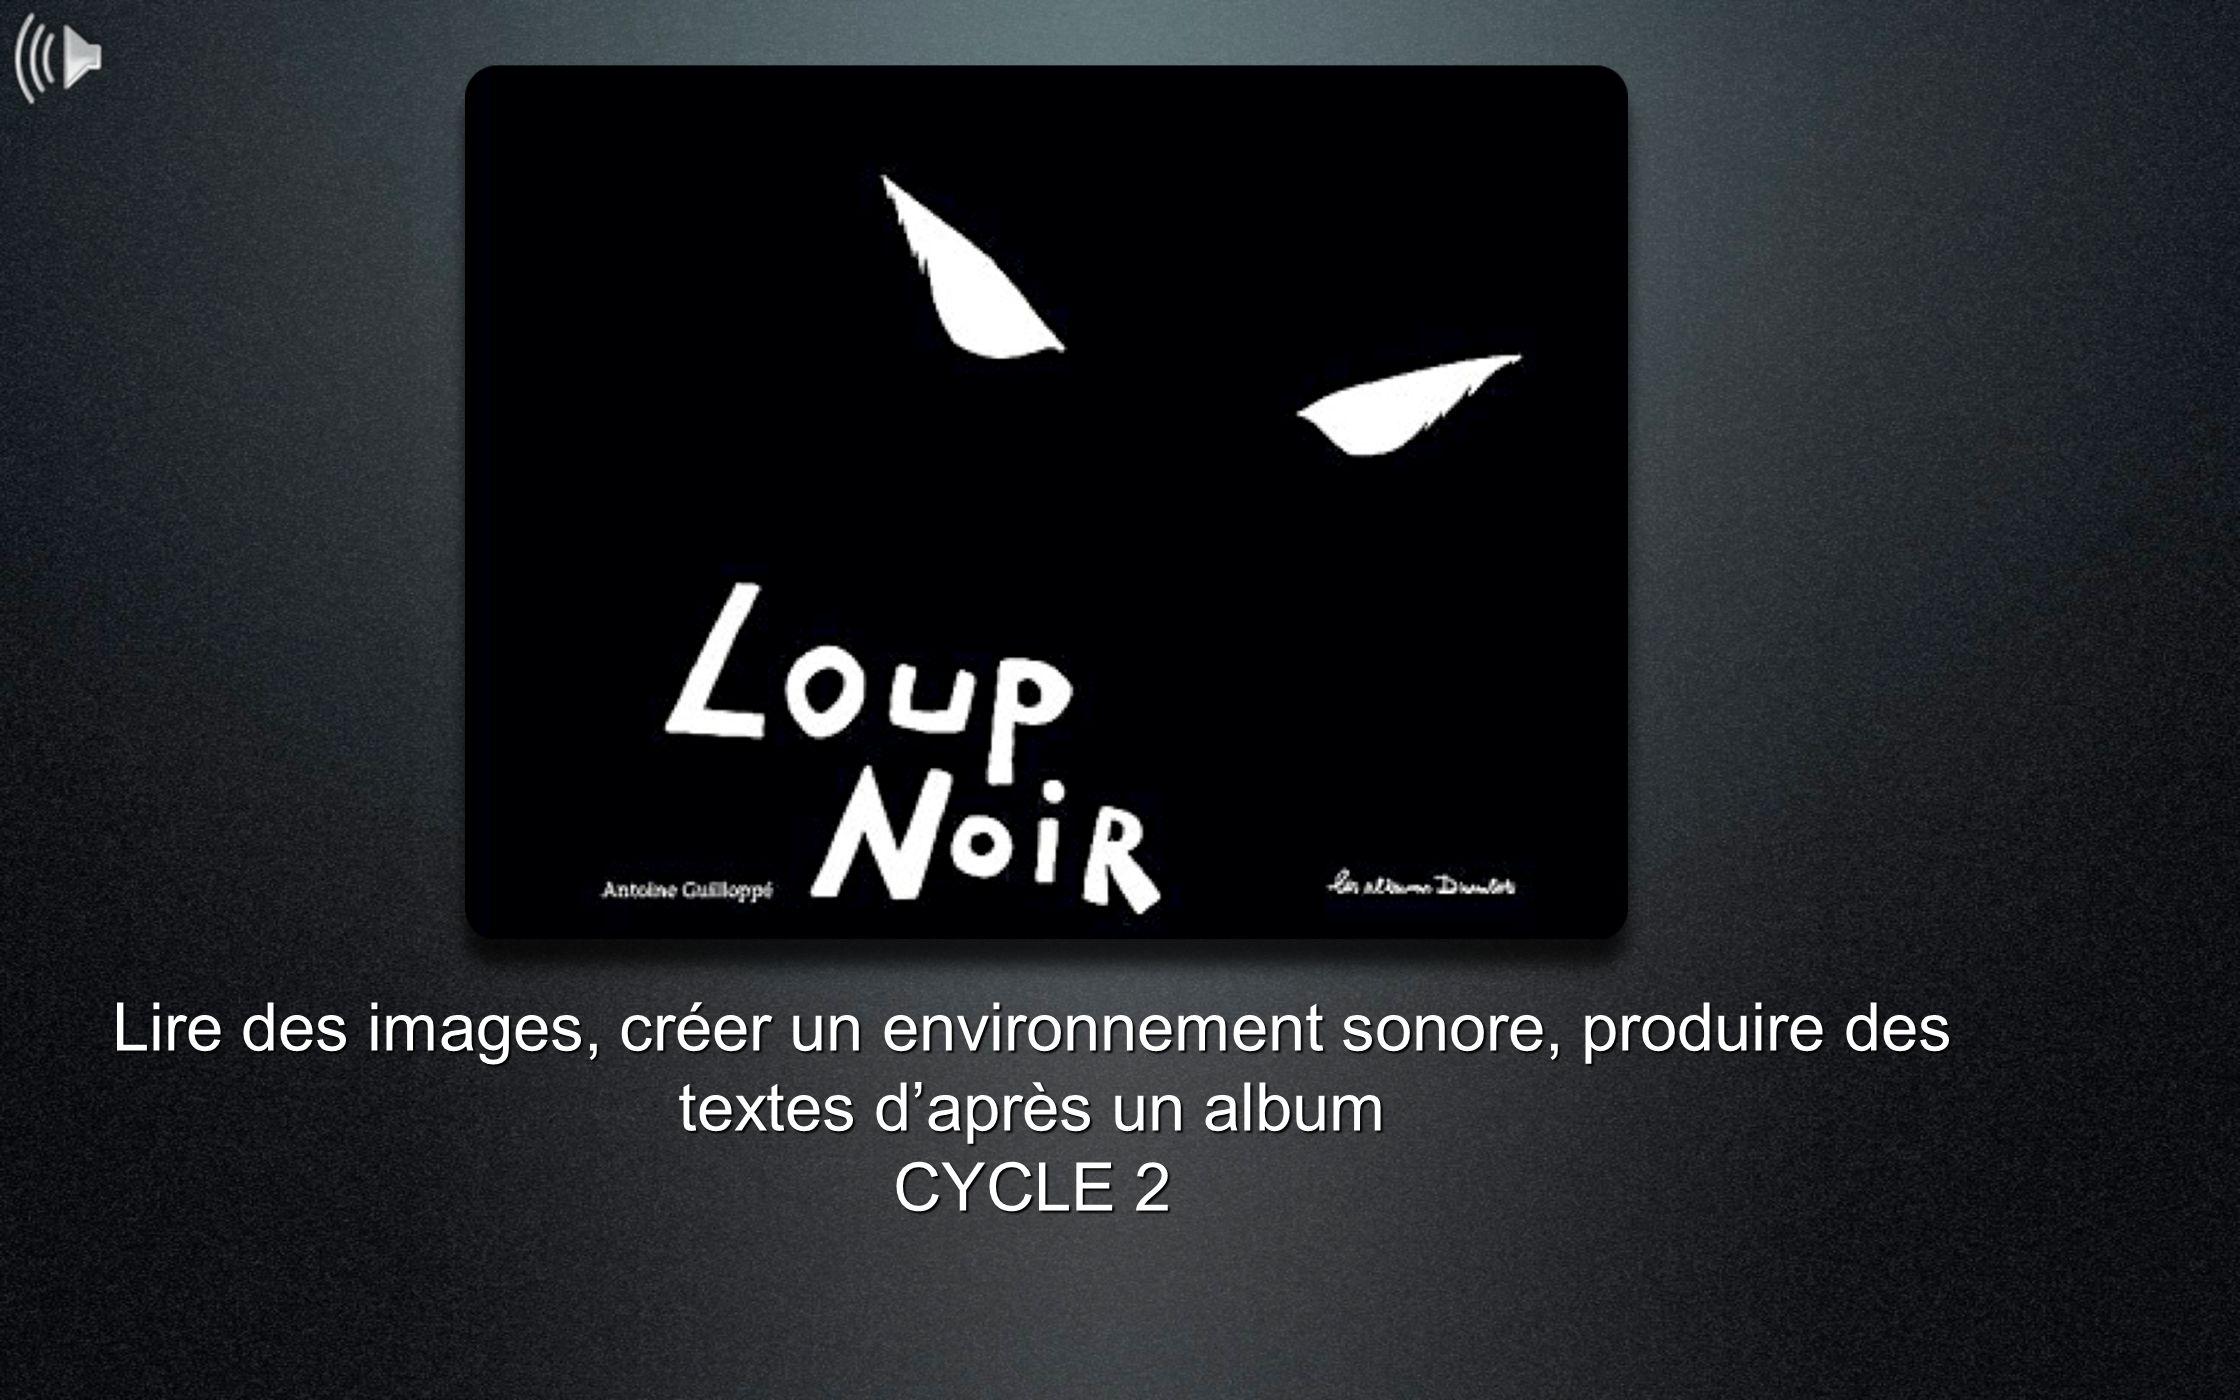 Lire des images, créer un environnement sonore, produire des textes daprès un album CYCLE 2